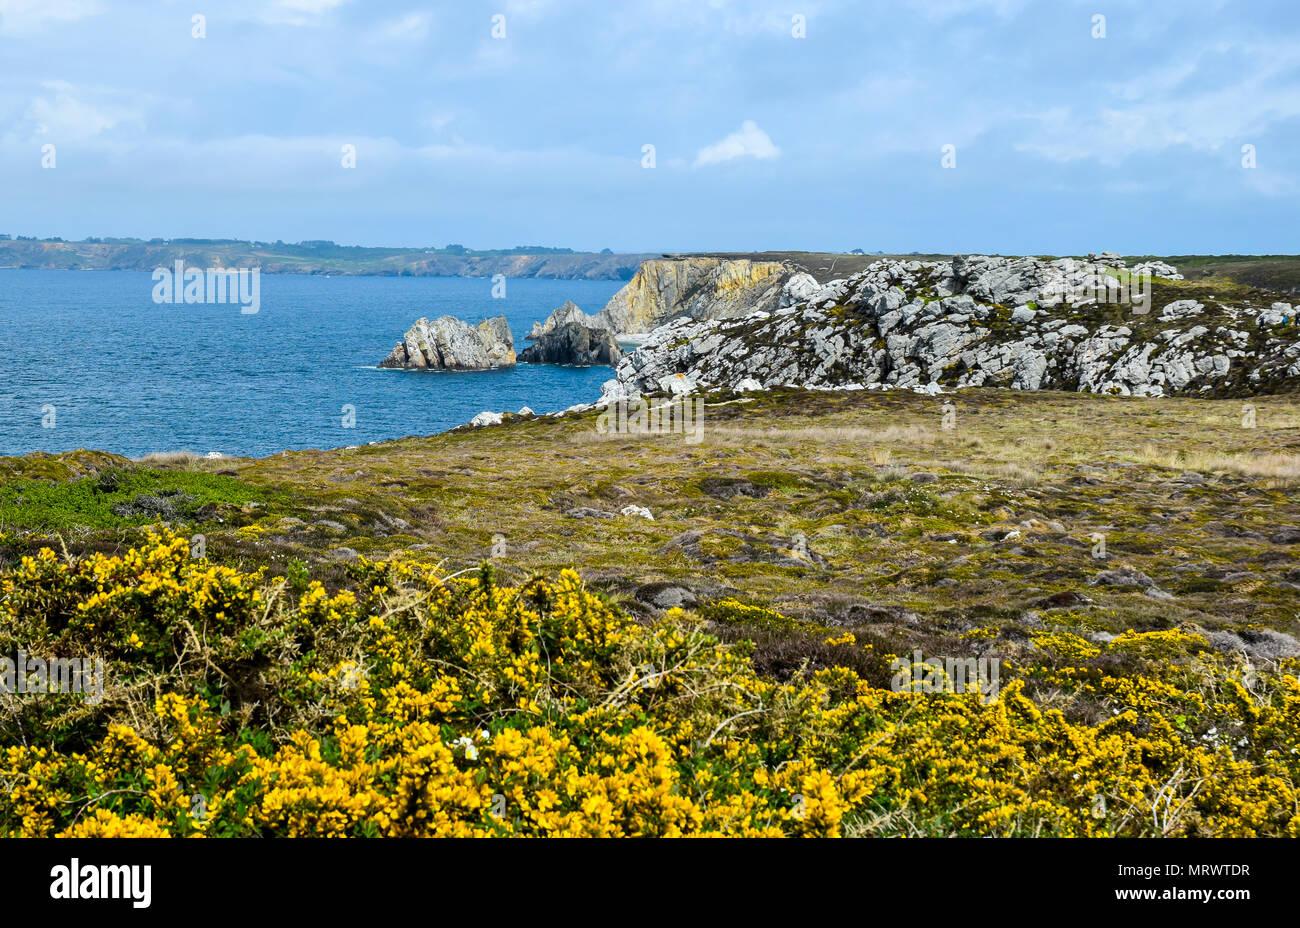 Einen atemberaubenden Blick auf die Felsen, blauer Himmel, türkis blauen Wasser im Finistere in der Nähe von Crozon in der Bretagne, Frankreich. Leuchtend gelbe Ginster Stockbild